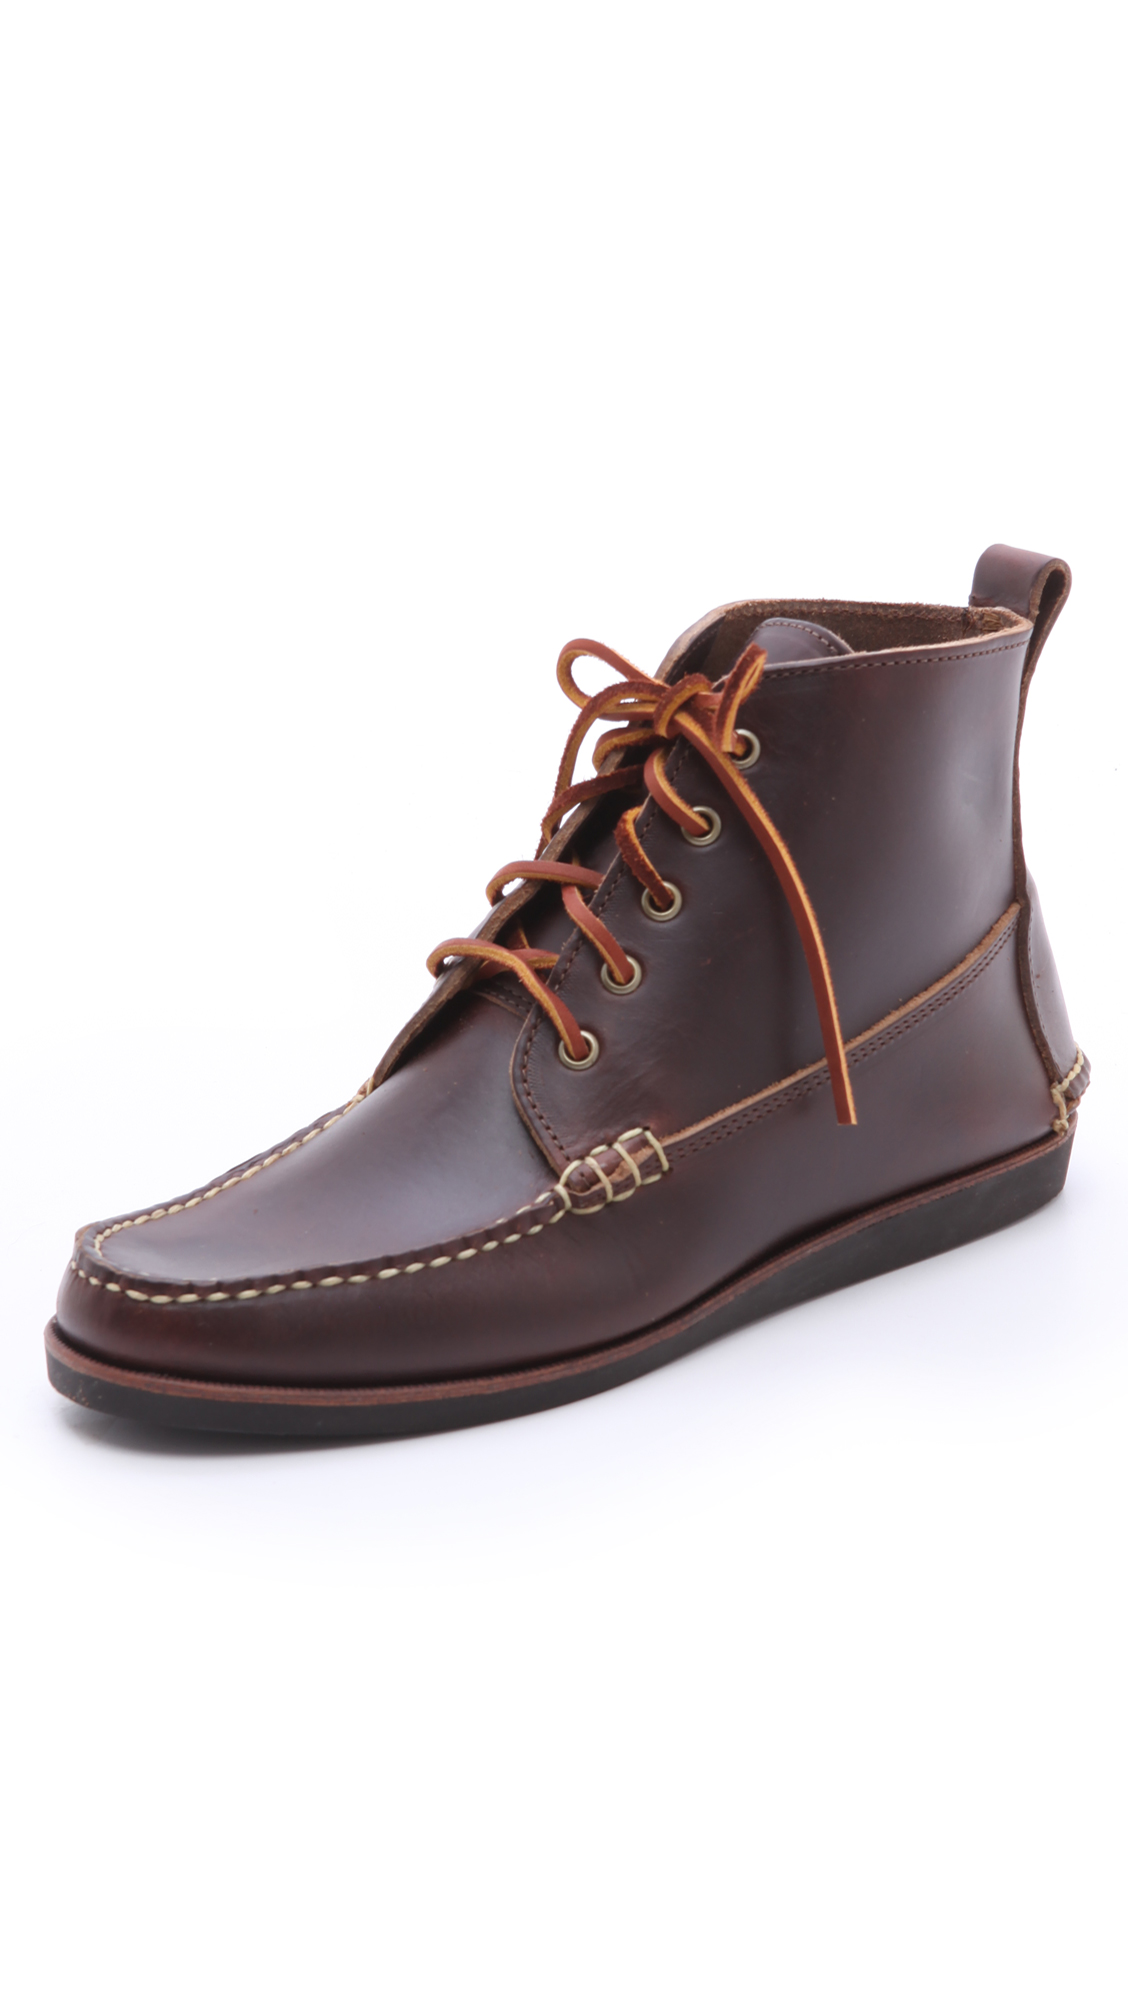 eastland ugg boots